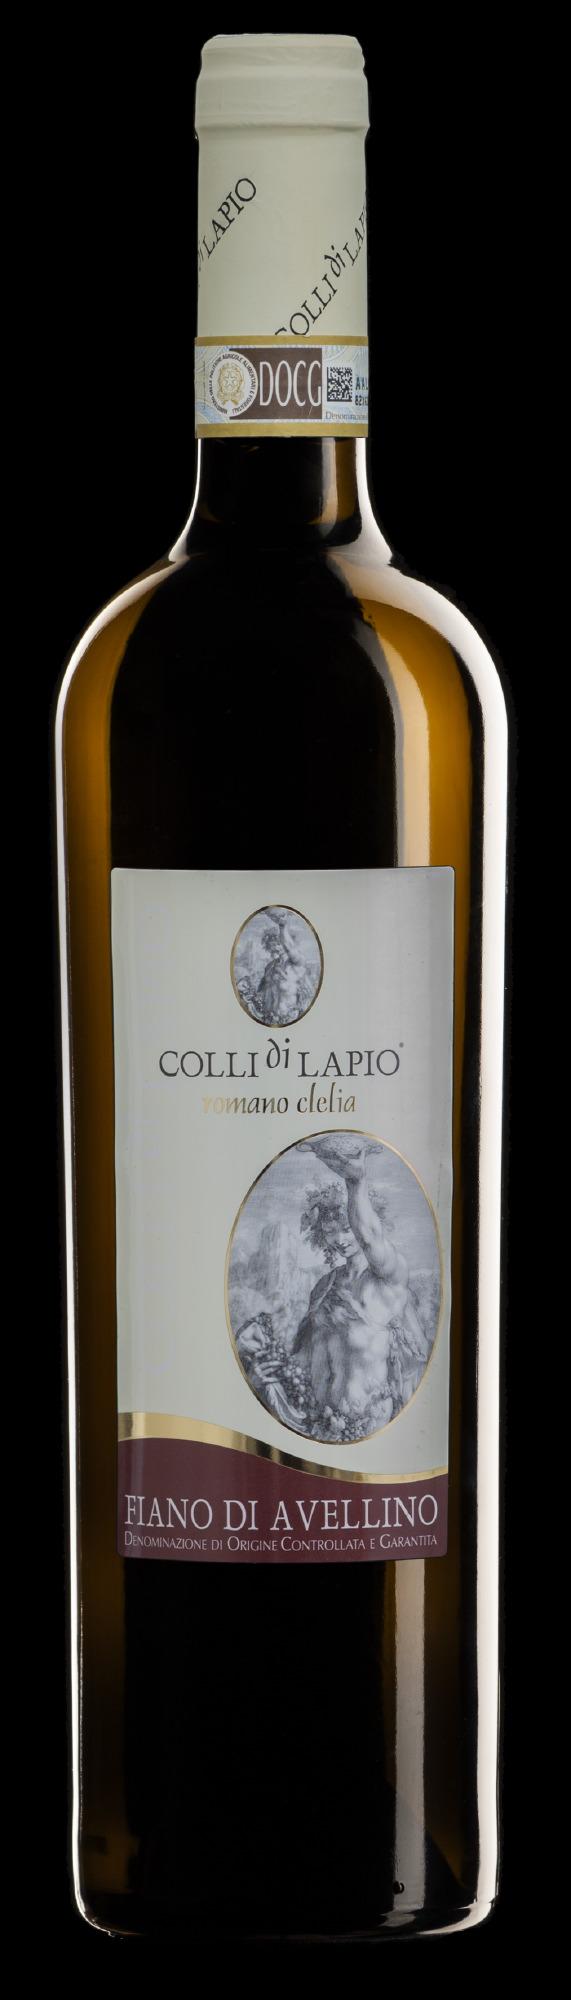 15-01-20  Colli di Lapio Fiano